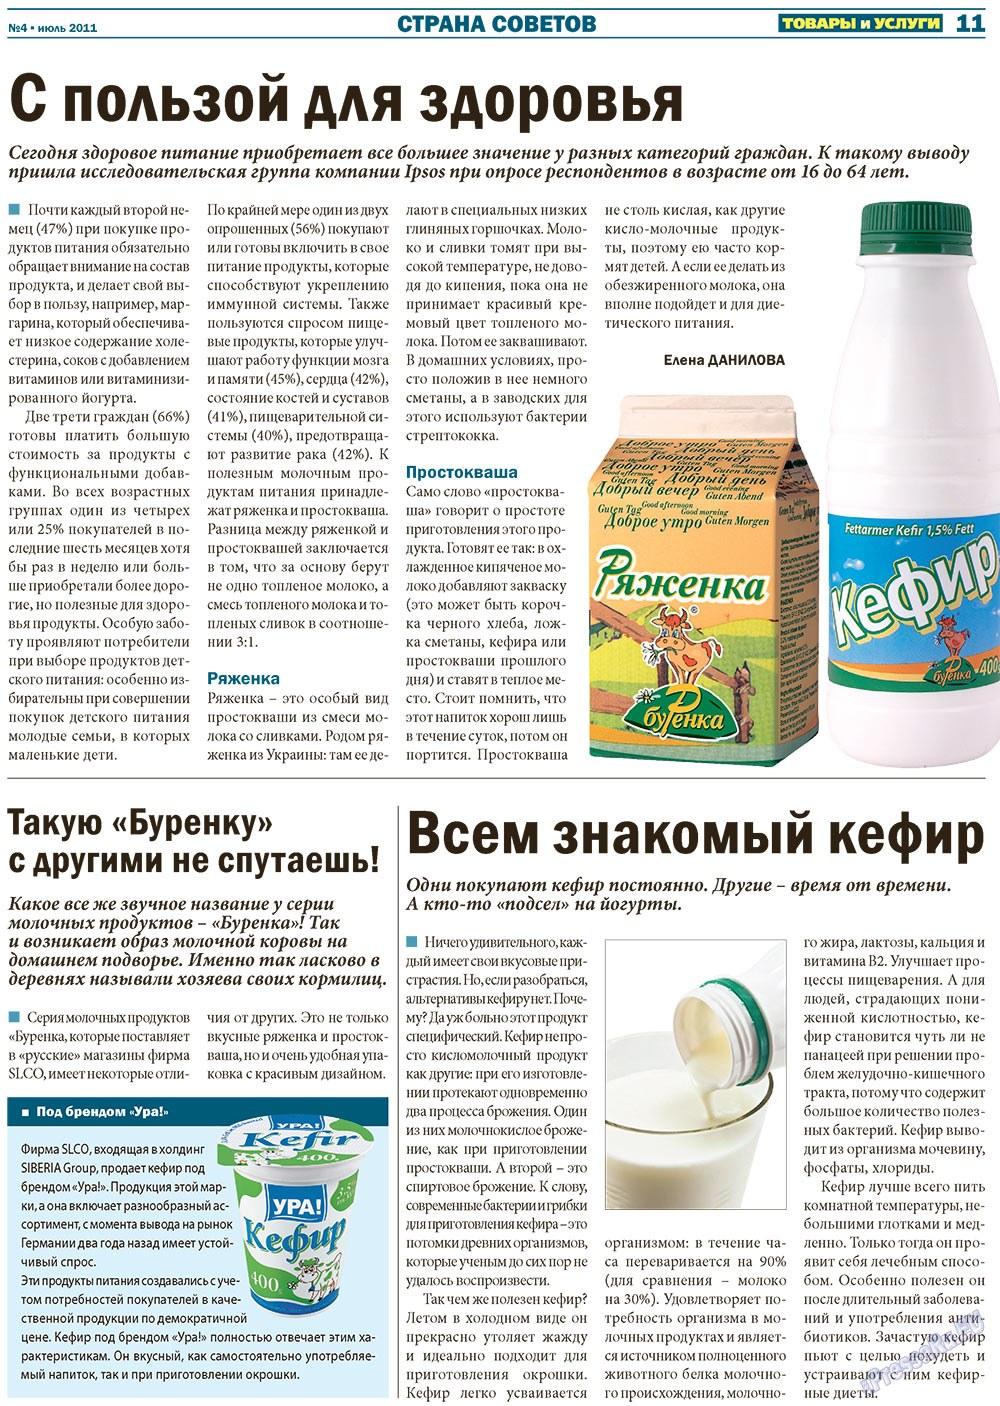 Товары и услуги (газета). 2011 год, номер 4, стр. 11